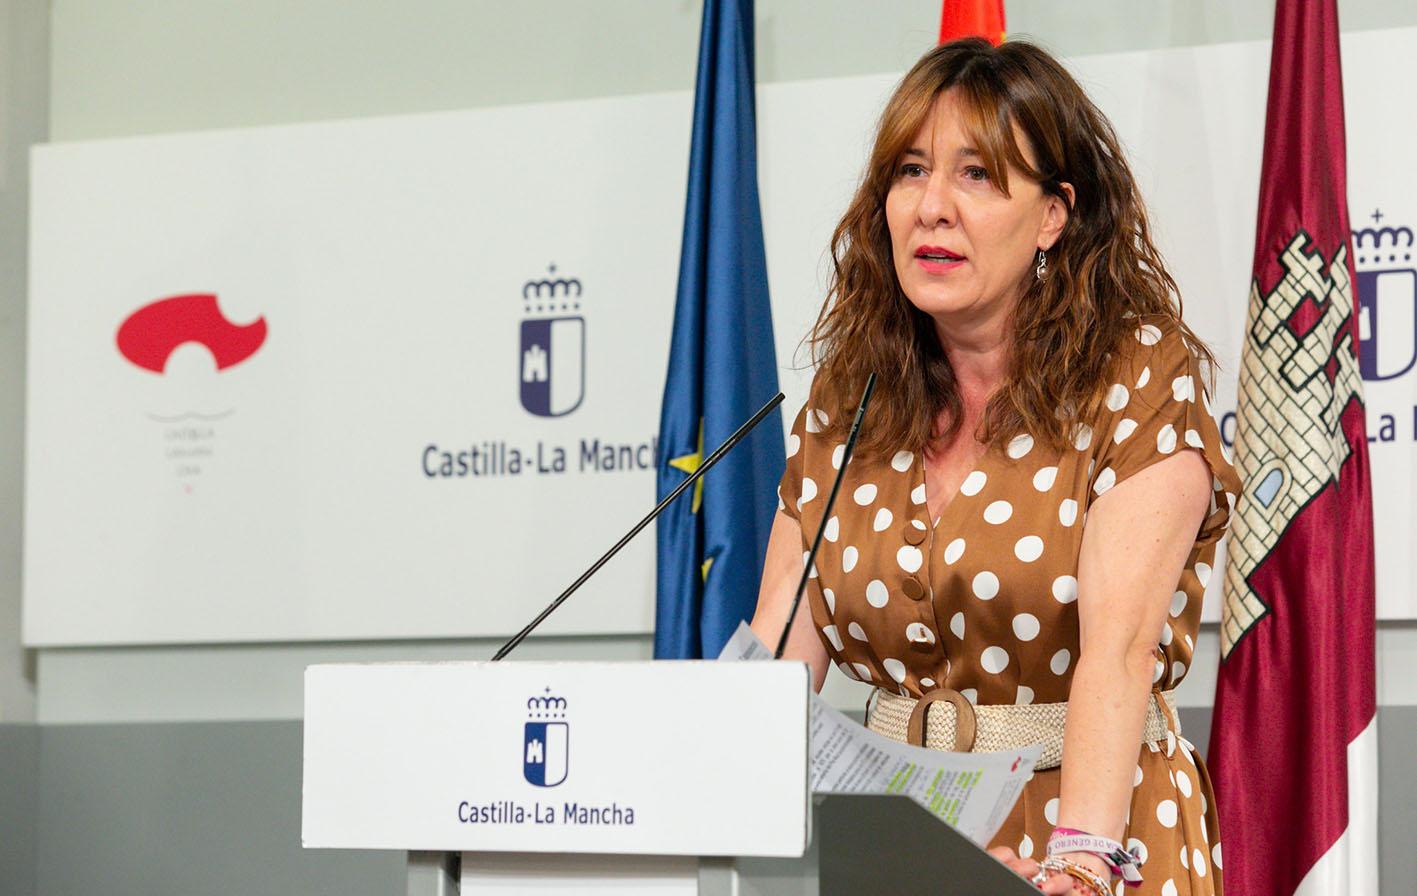 La portavoz del Gobierno de Castilla-La Mancha y consejera de Igualdad, Blanca Fernández.